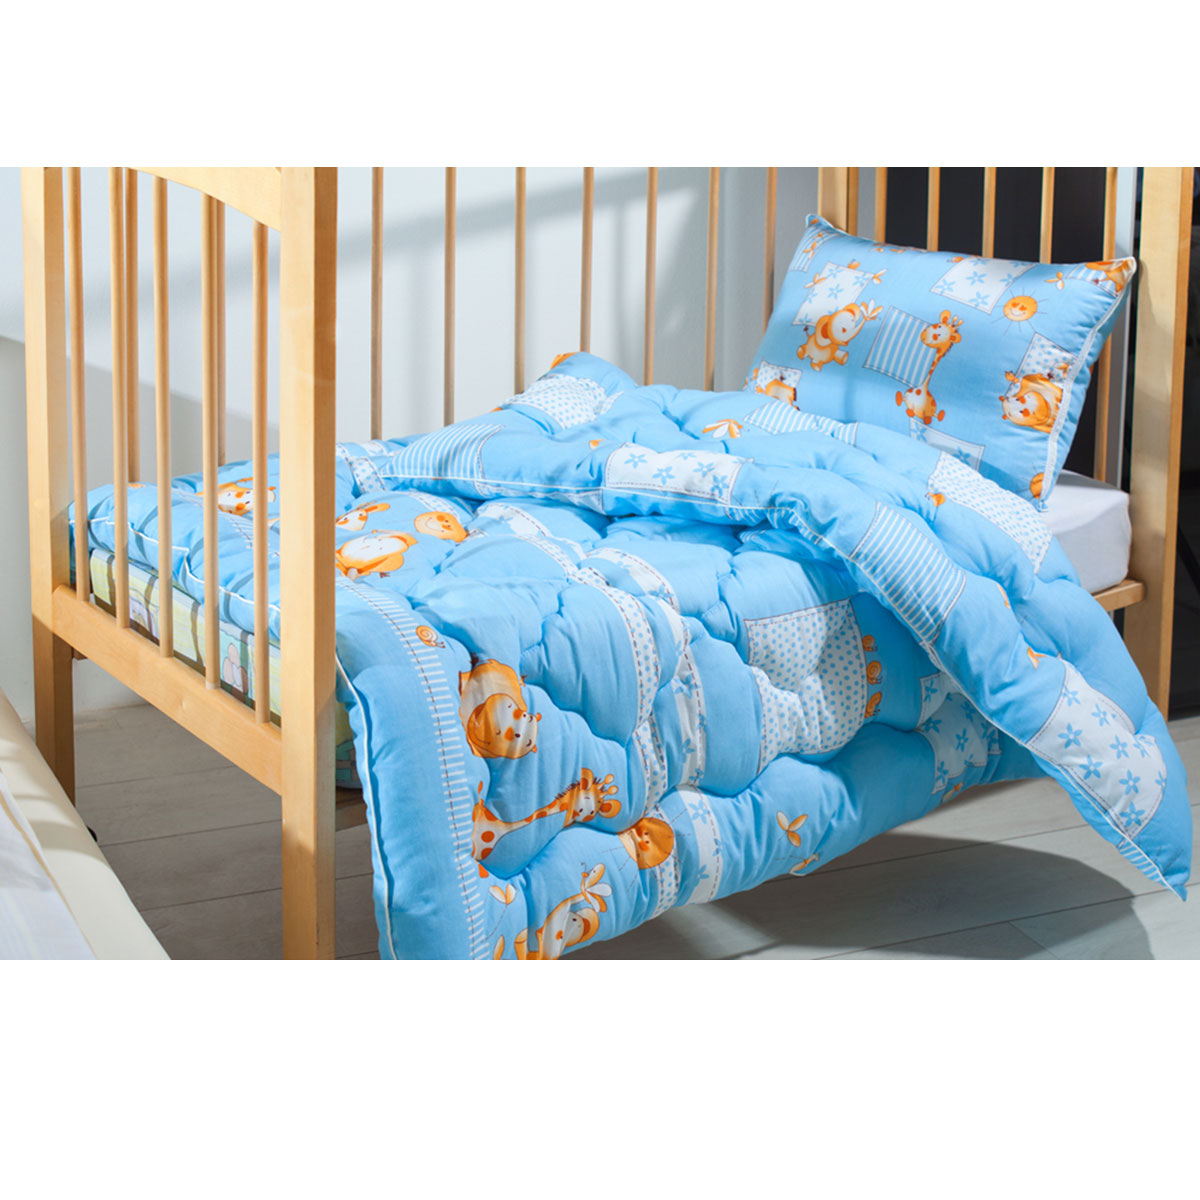 """Одеяло детское Подушкино """"Лежебока"""", стеганое, цвет: голубой, 110 см х 140 см"""